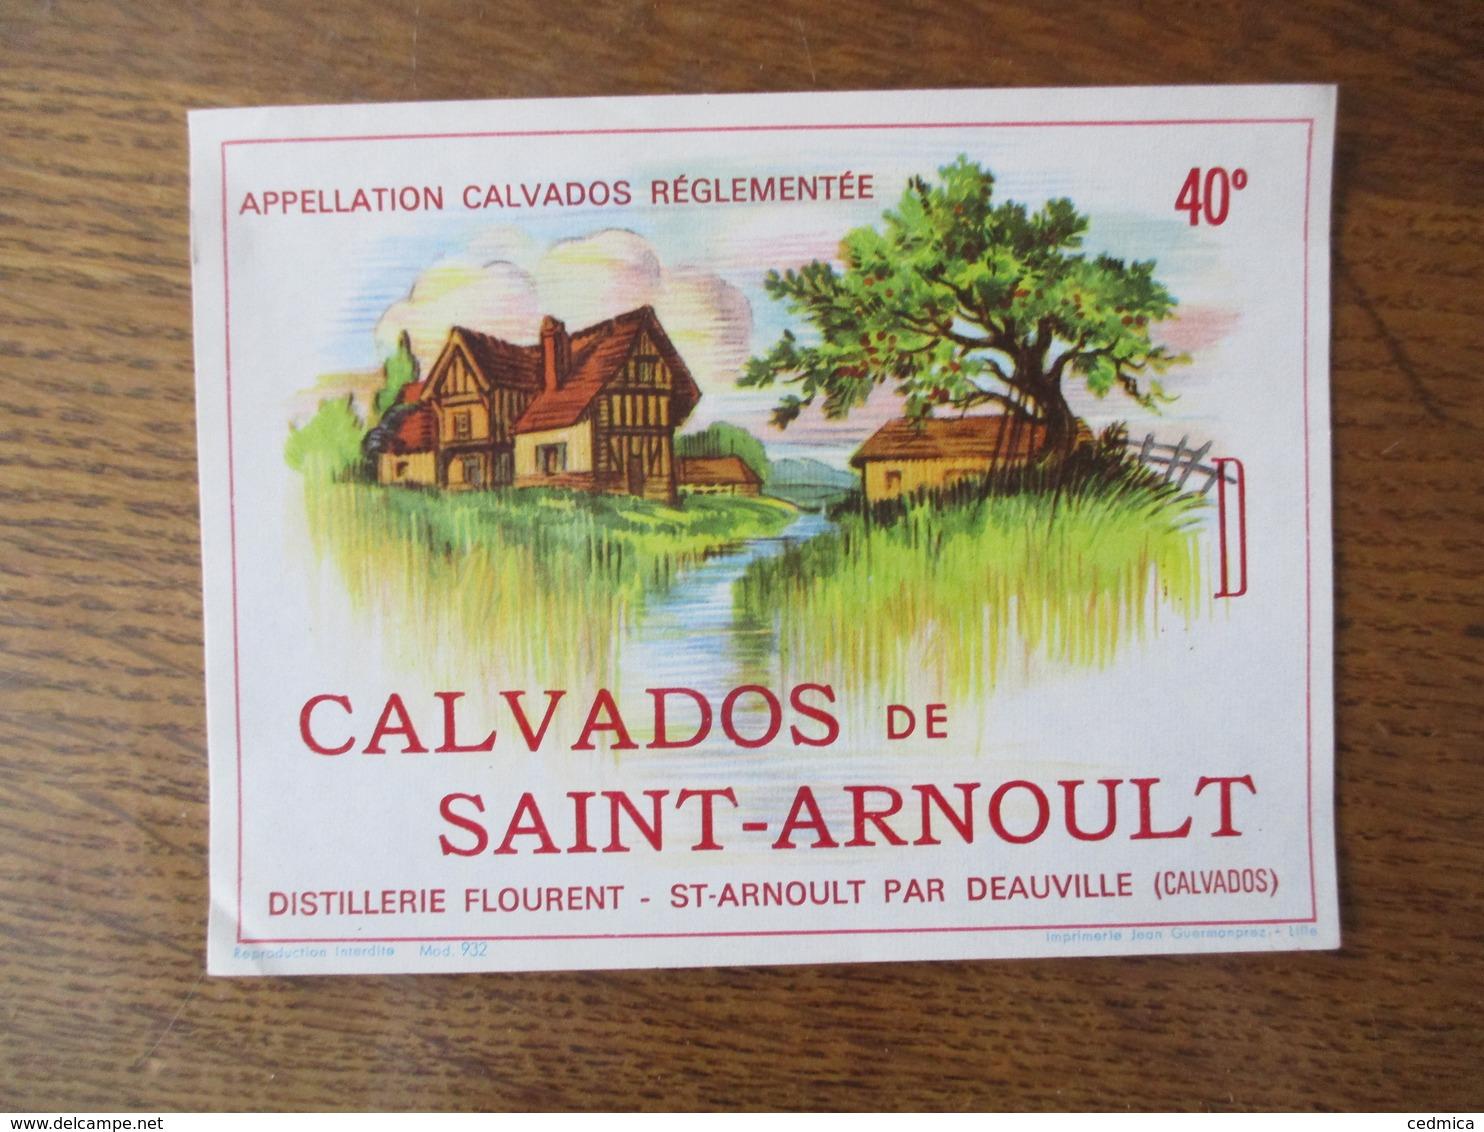 CALVADOS DE SAINT-ARNOULT DISTILLERIE FLOURENT ST-ARNOULT PAR DEAUVILLE CALVADOS 40° - Autres